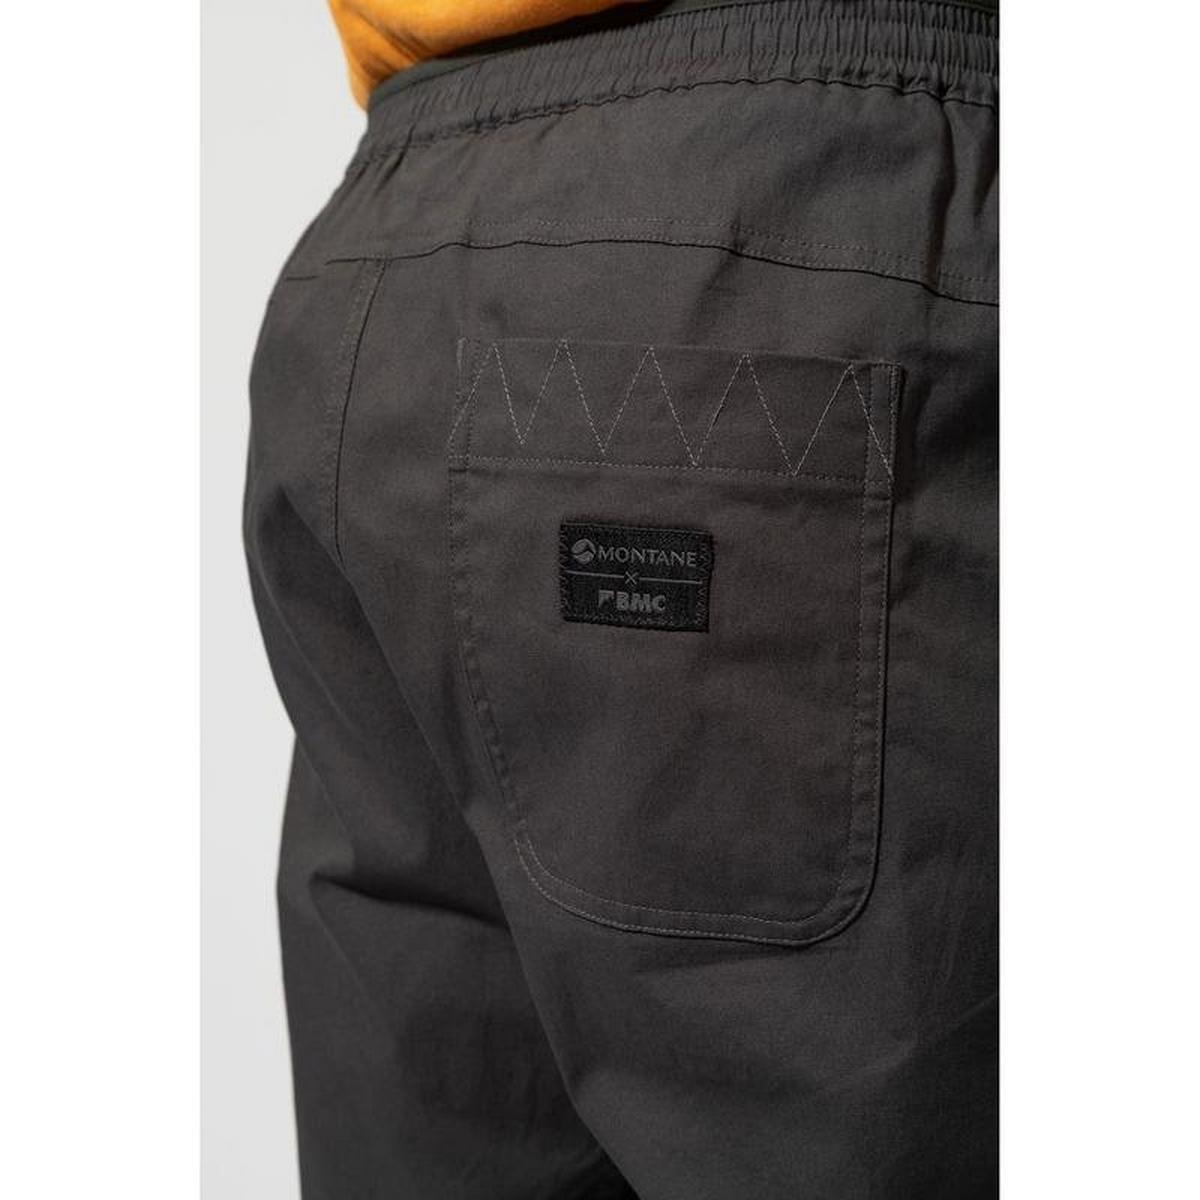 Montane Men's On-Sight Shorts - Slate